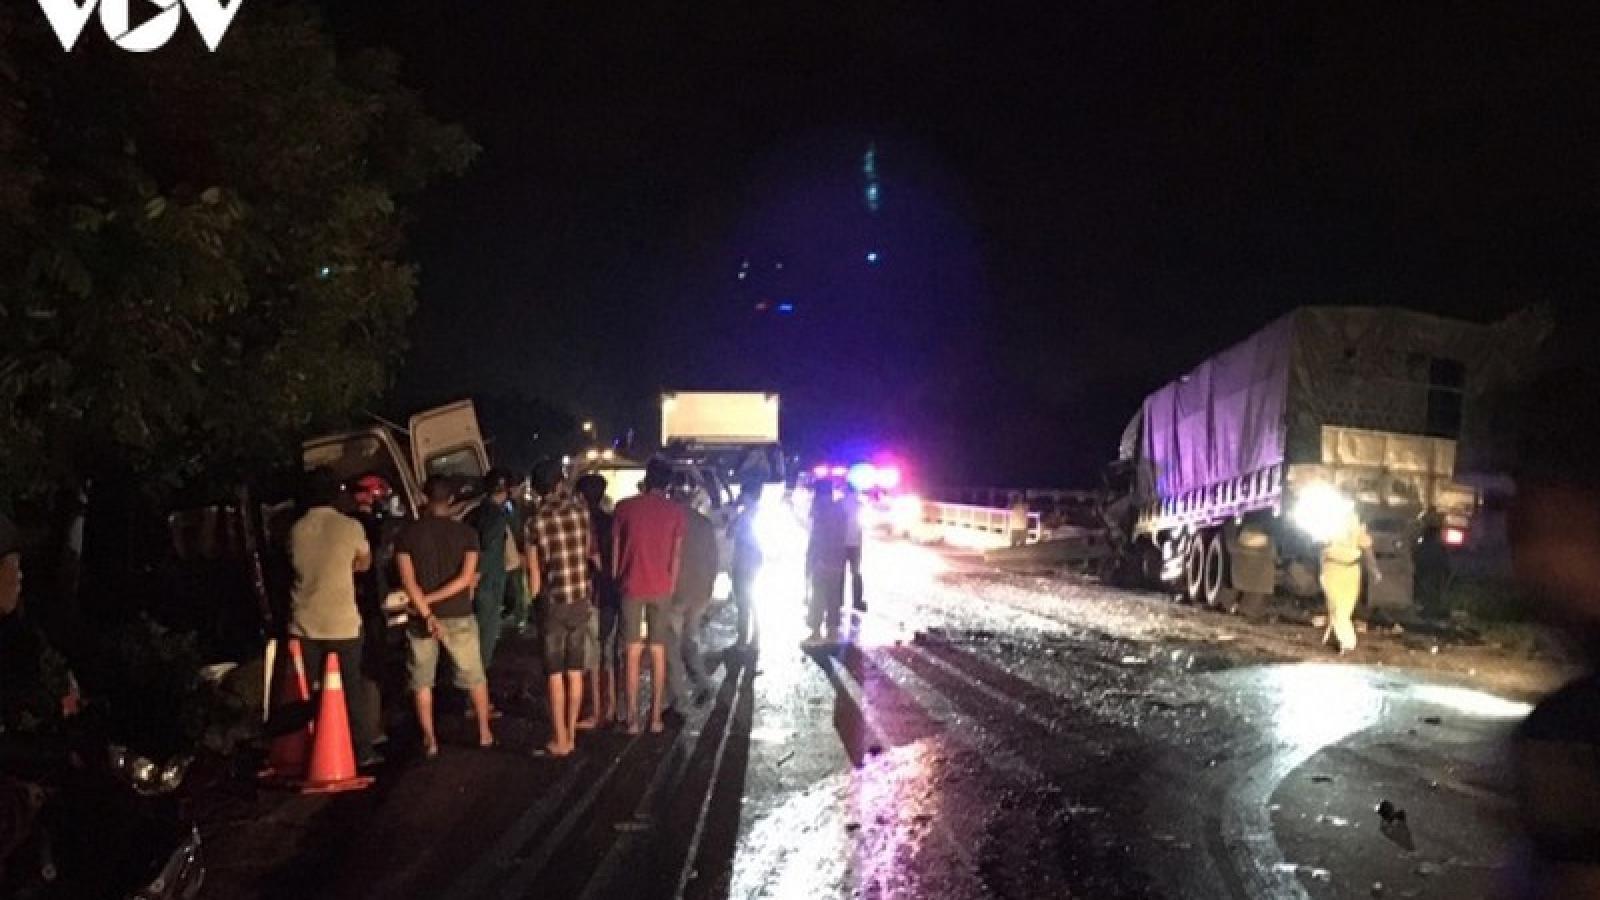 Khởi tố vụ tai nạn giao thông làm 8 người chết ở Bình Thuận